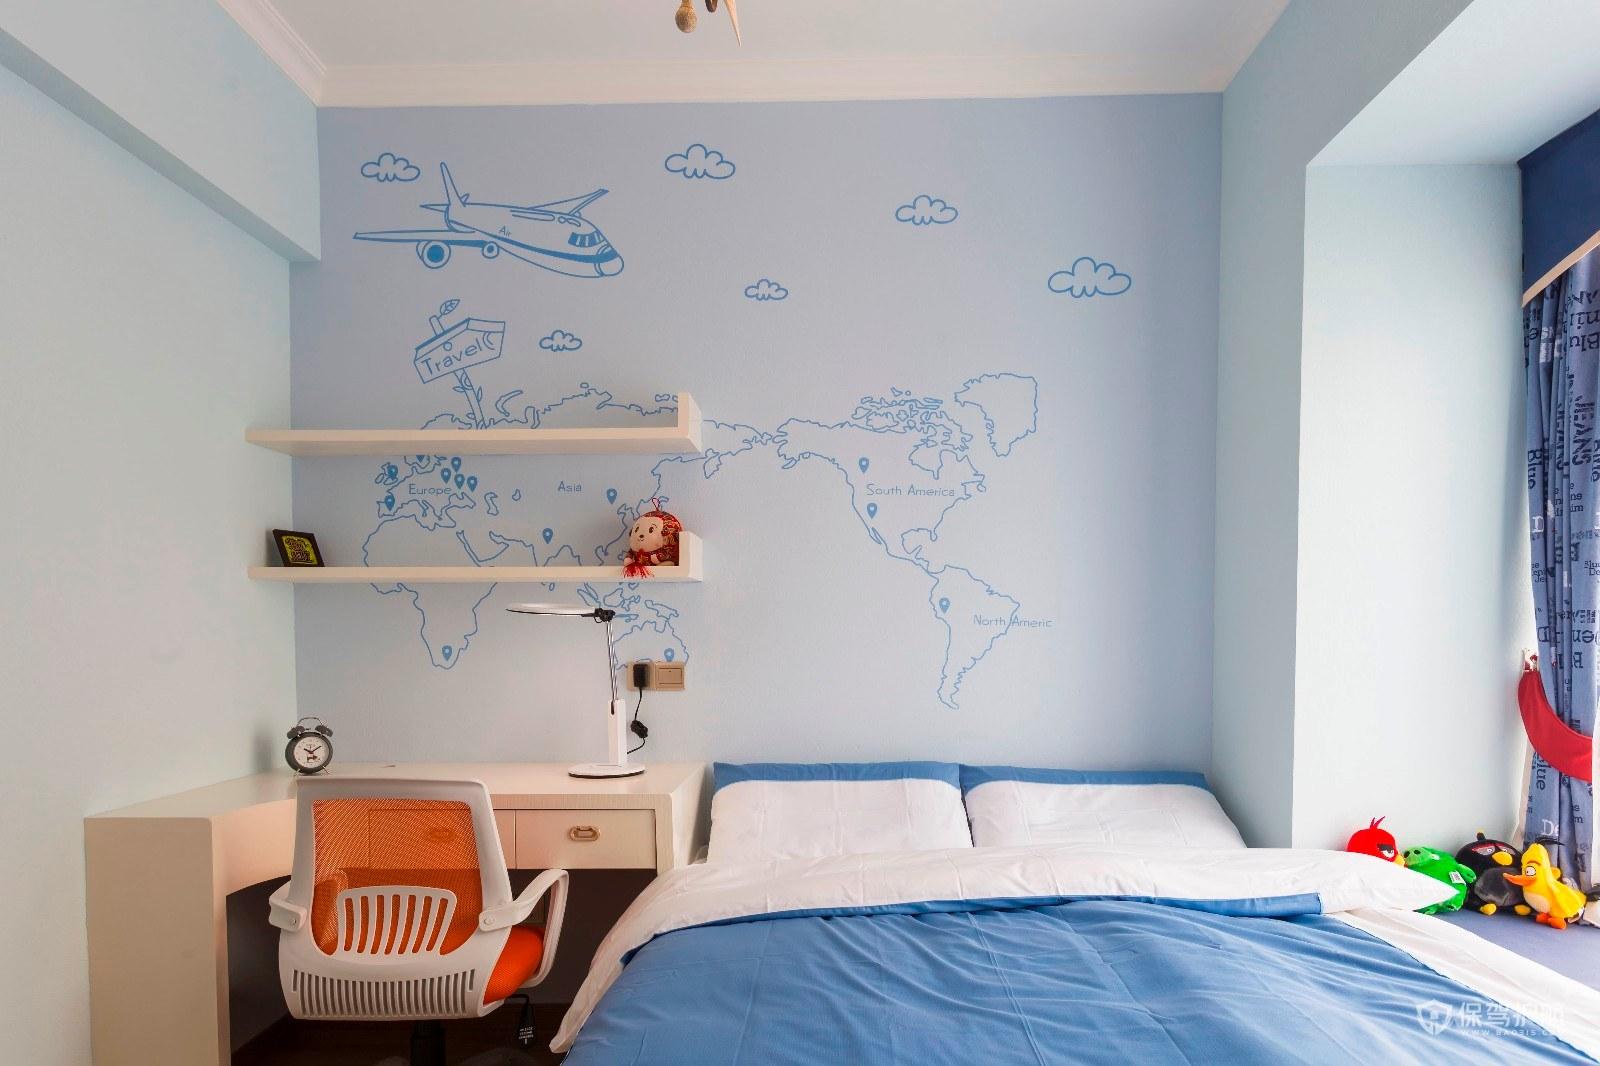 天藍色兒童房裝修效果圖-保駕護航裝修網